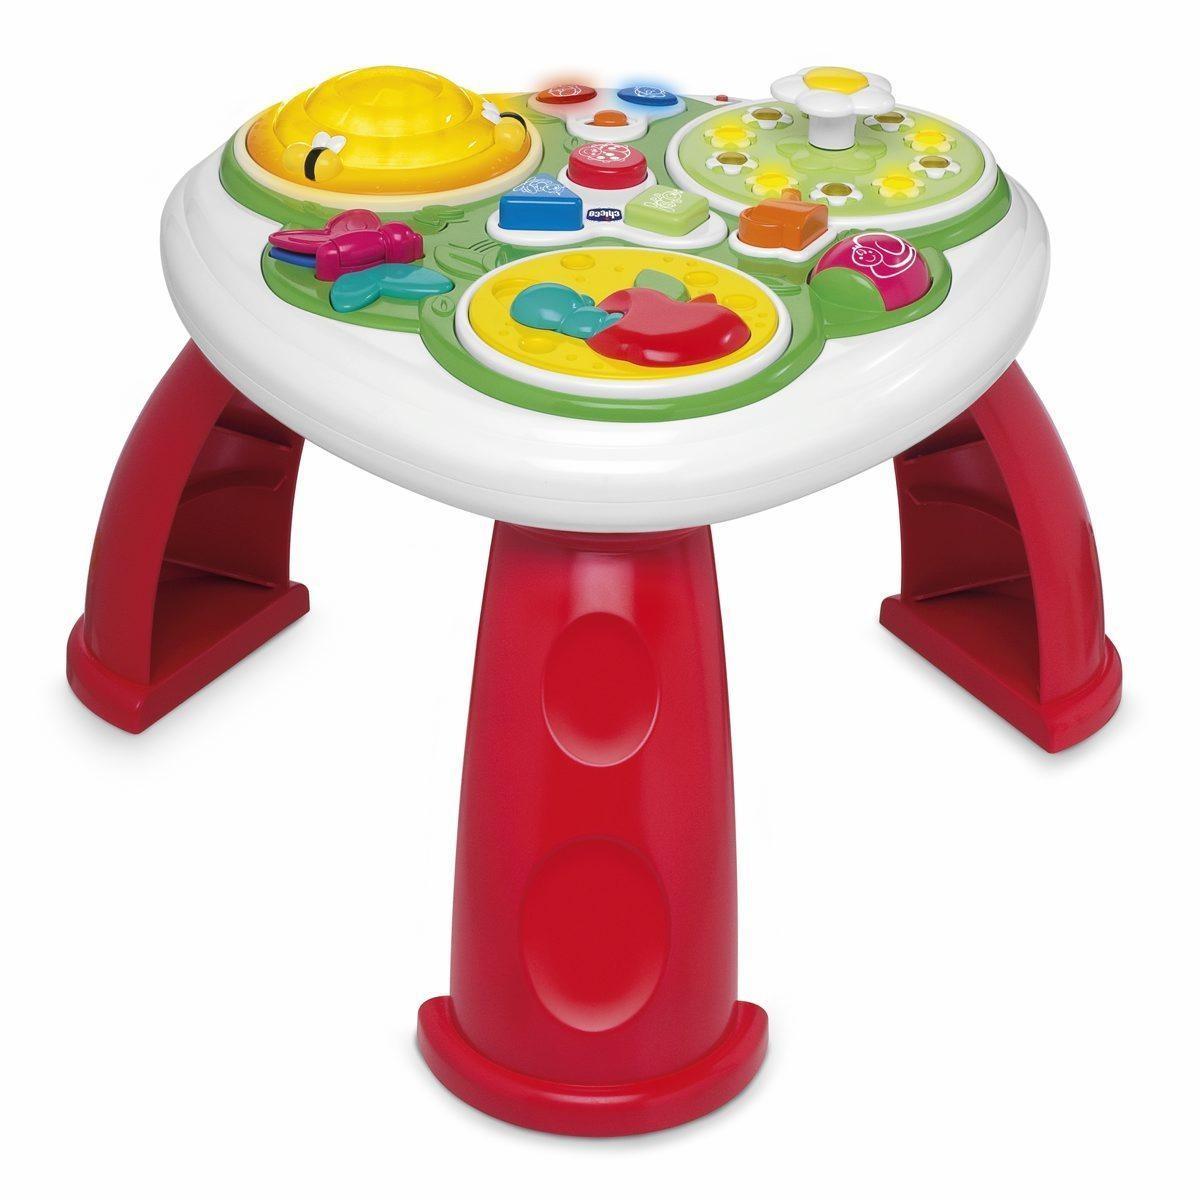 Casa libri film e giocattoli giochi da tavolo general for Tavolo giardino delle parole chicco